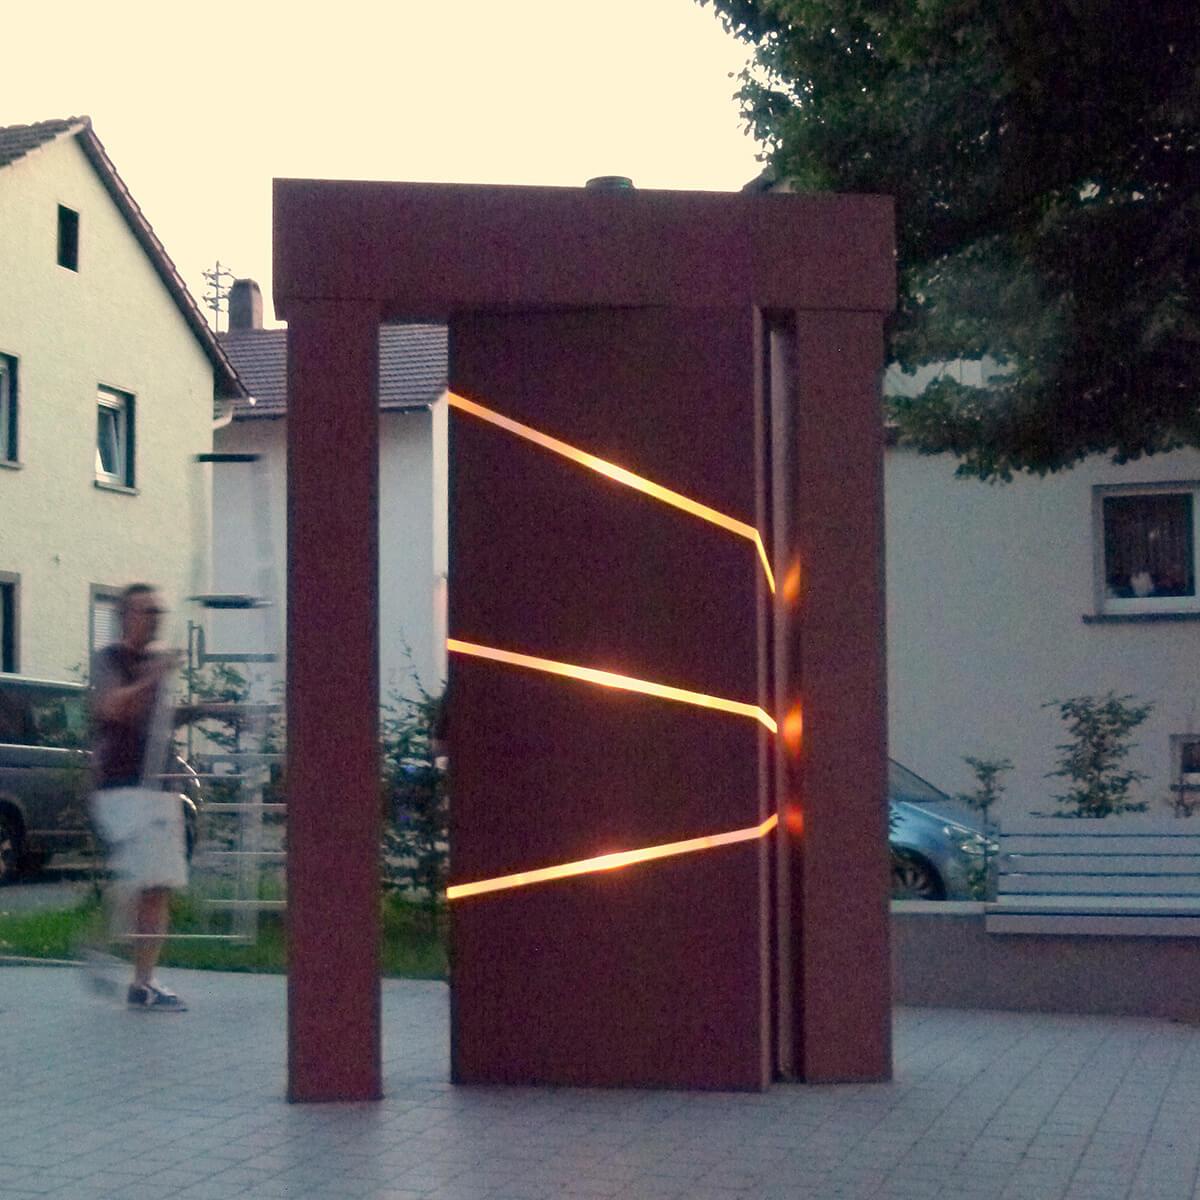 Barbara Jäger OMI Riesterer Gemeinsame öffentliche Werke Waldenser Denkmal Karlsruher Palmbach